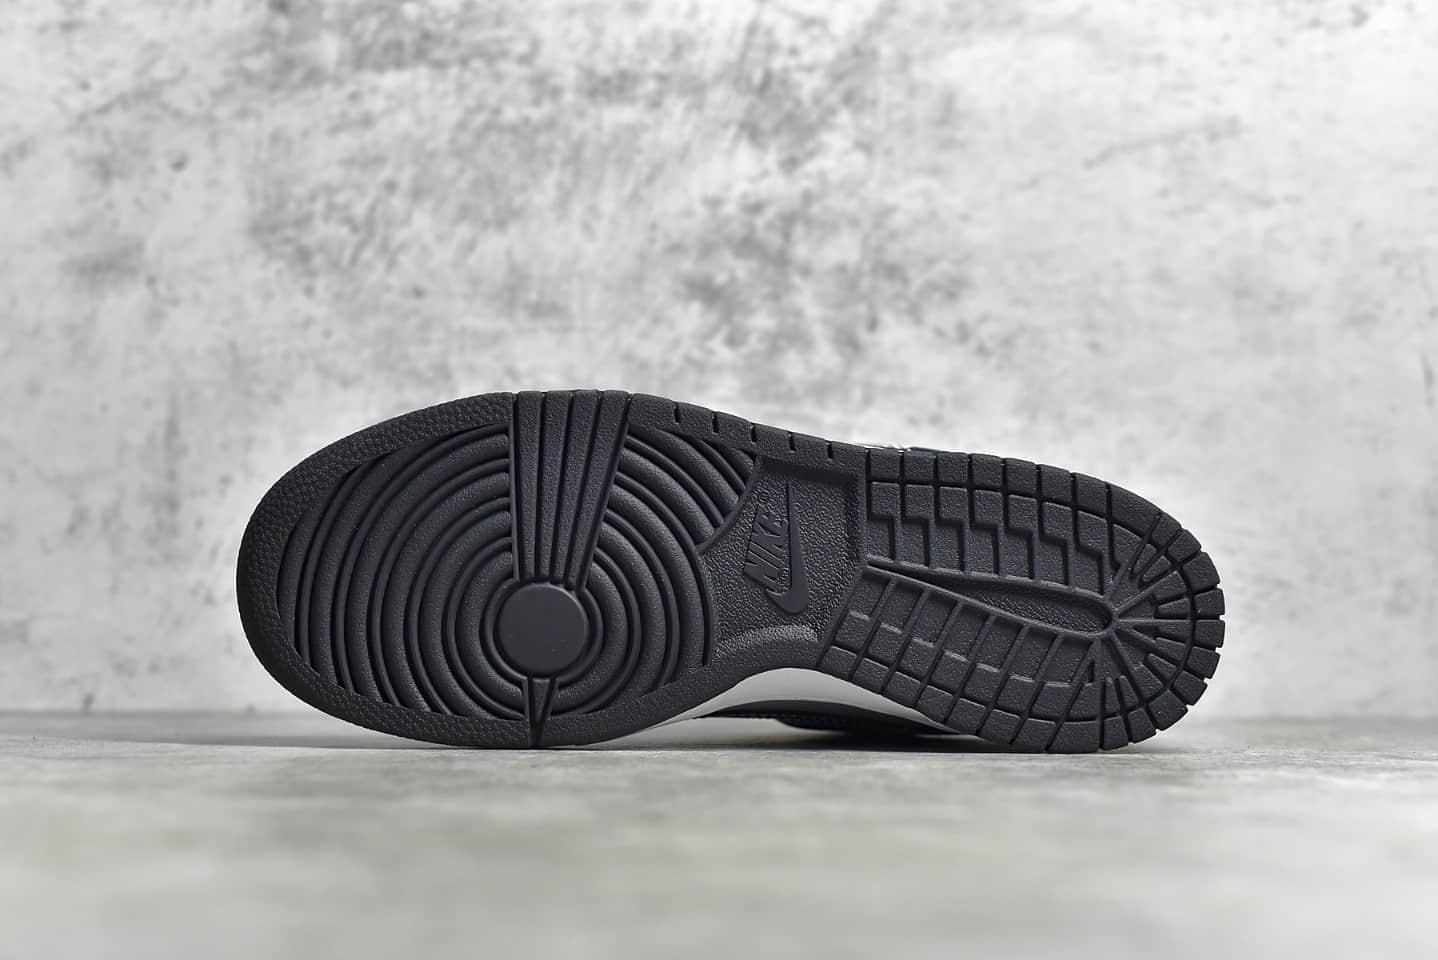 耐克Dunk SB月食白月亮低帮 NIKE DUNK SB LOW 纯原版本耐克Dunk灰黑低帮板鞋 货号:313170-001-潮流者之家